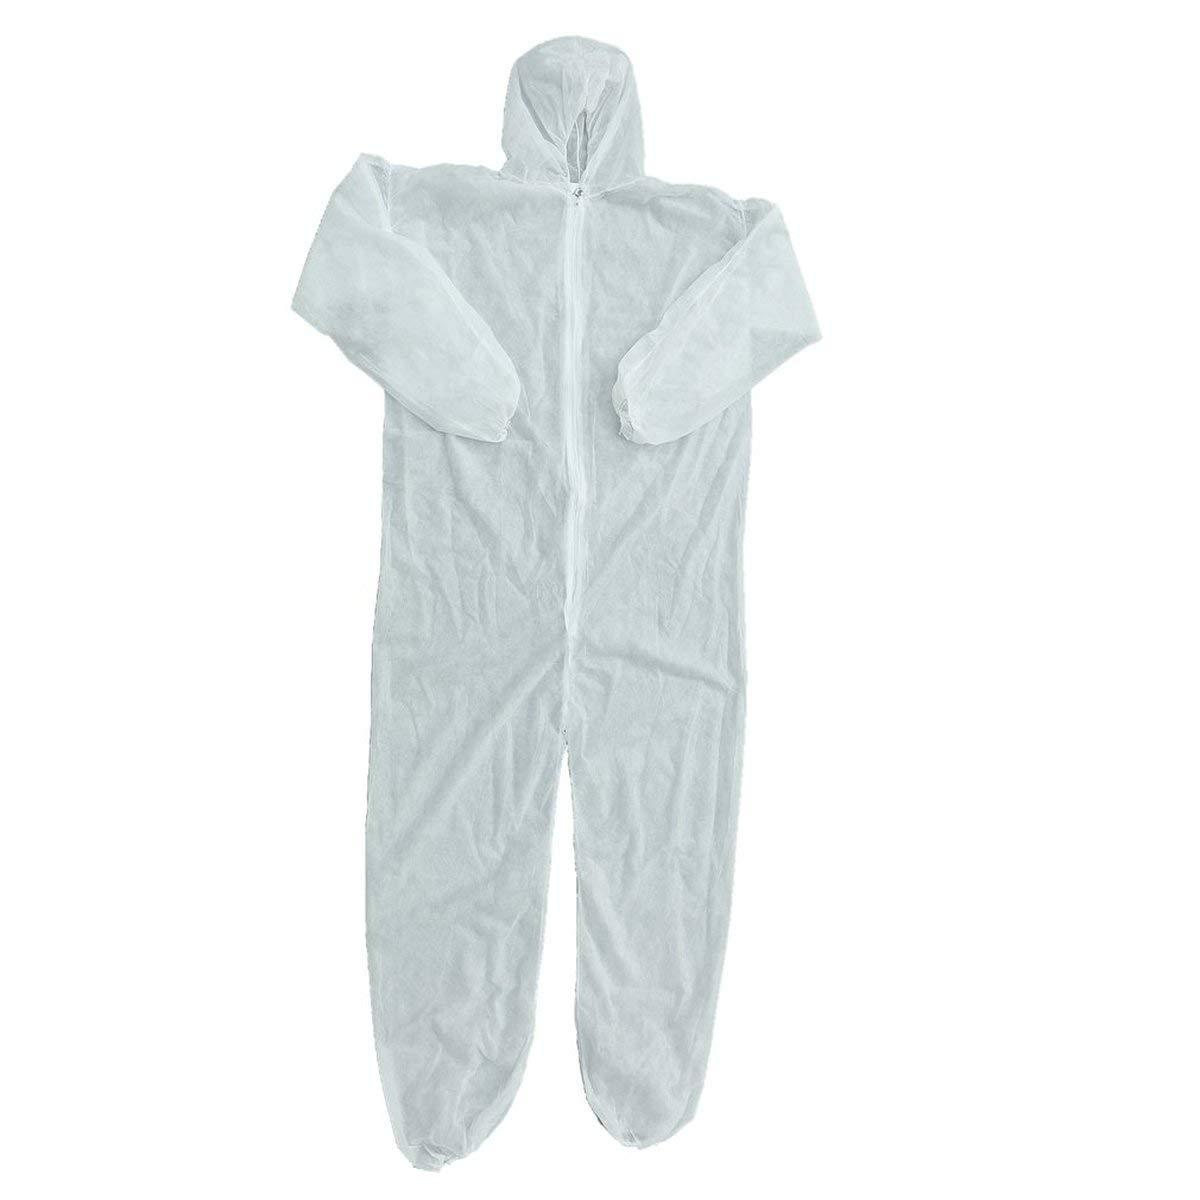 Abbigliamento di Protezione di Sicurezza Tuta monouso Abbigliamento Anti-Polvere Abbigliamento di Isolamento Abbigliamento da Lavoro Tessuto Non Tessuto di Un Pezzo